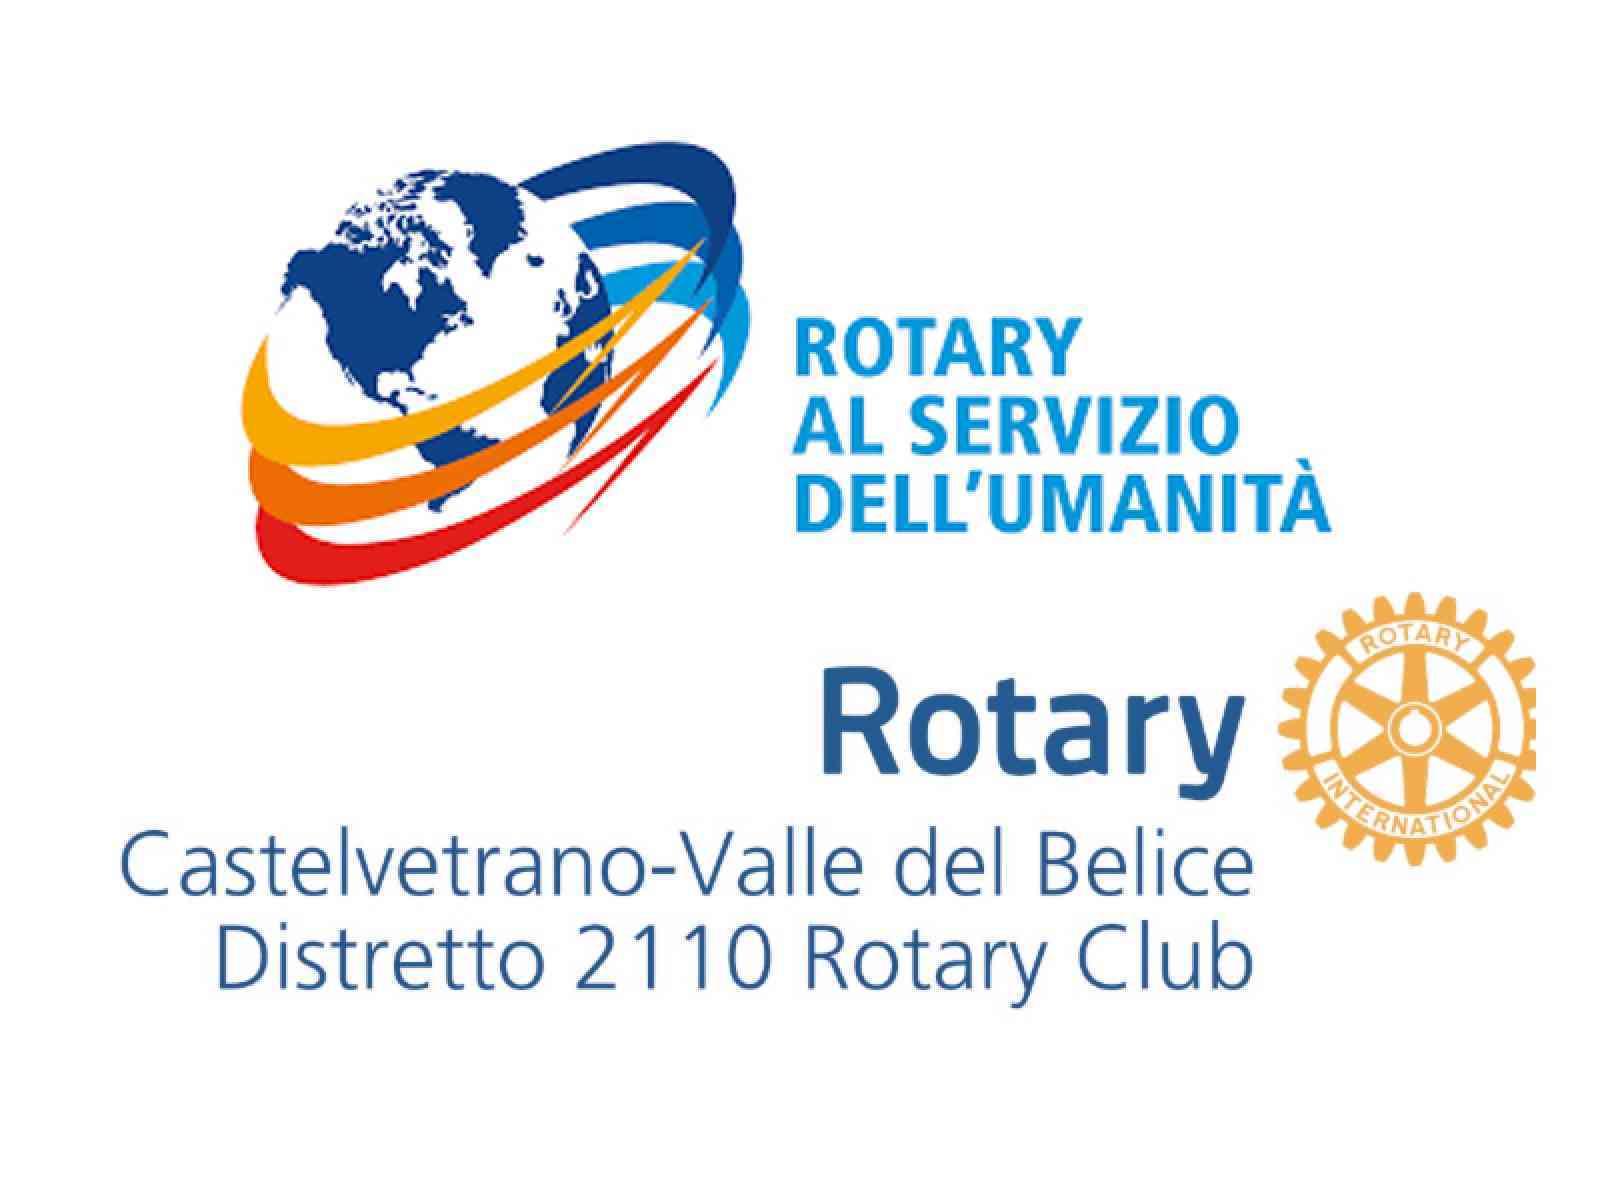 Domenica 27 screening cardiovascolare a Poggioreale e Salaparuta promosso dal Rotary Club di Castelvetrano Valle del Belice